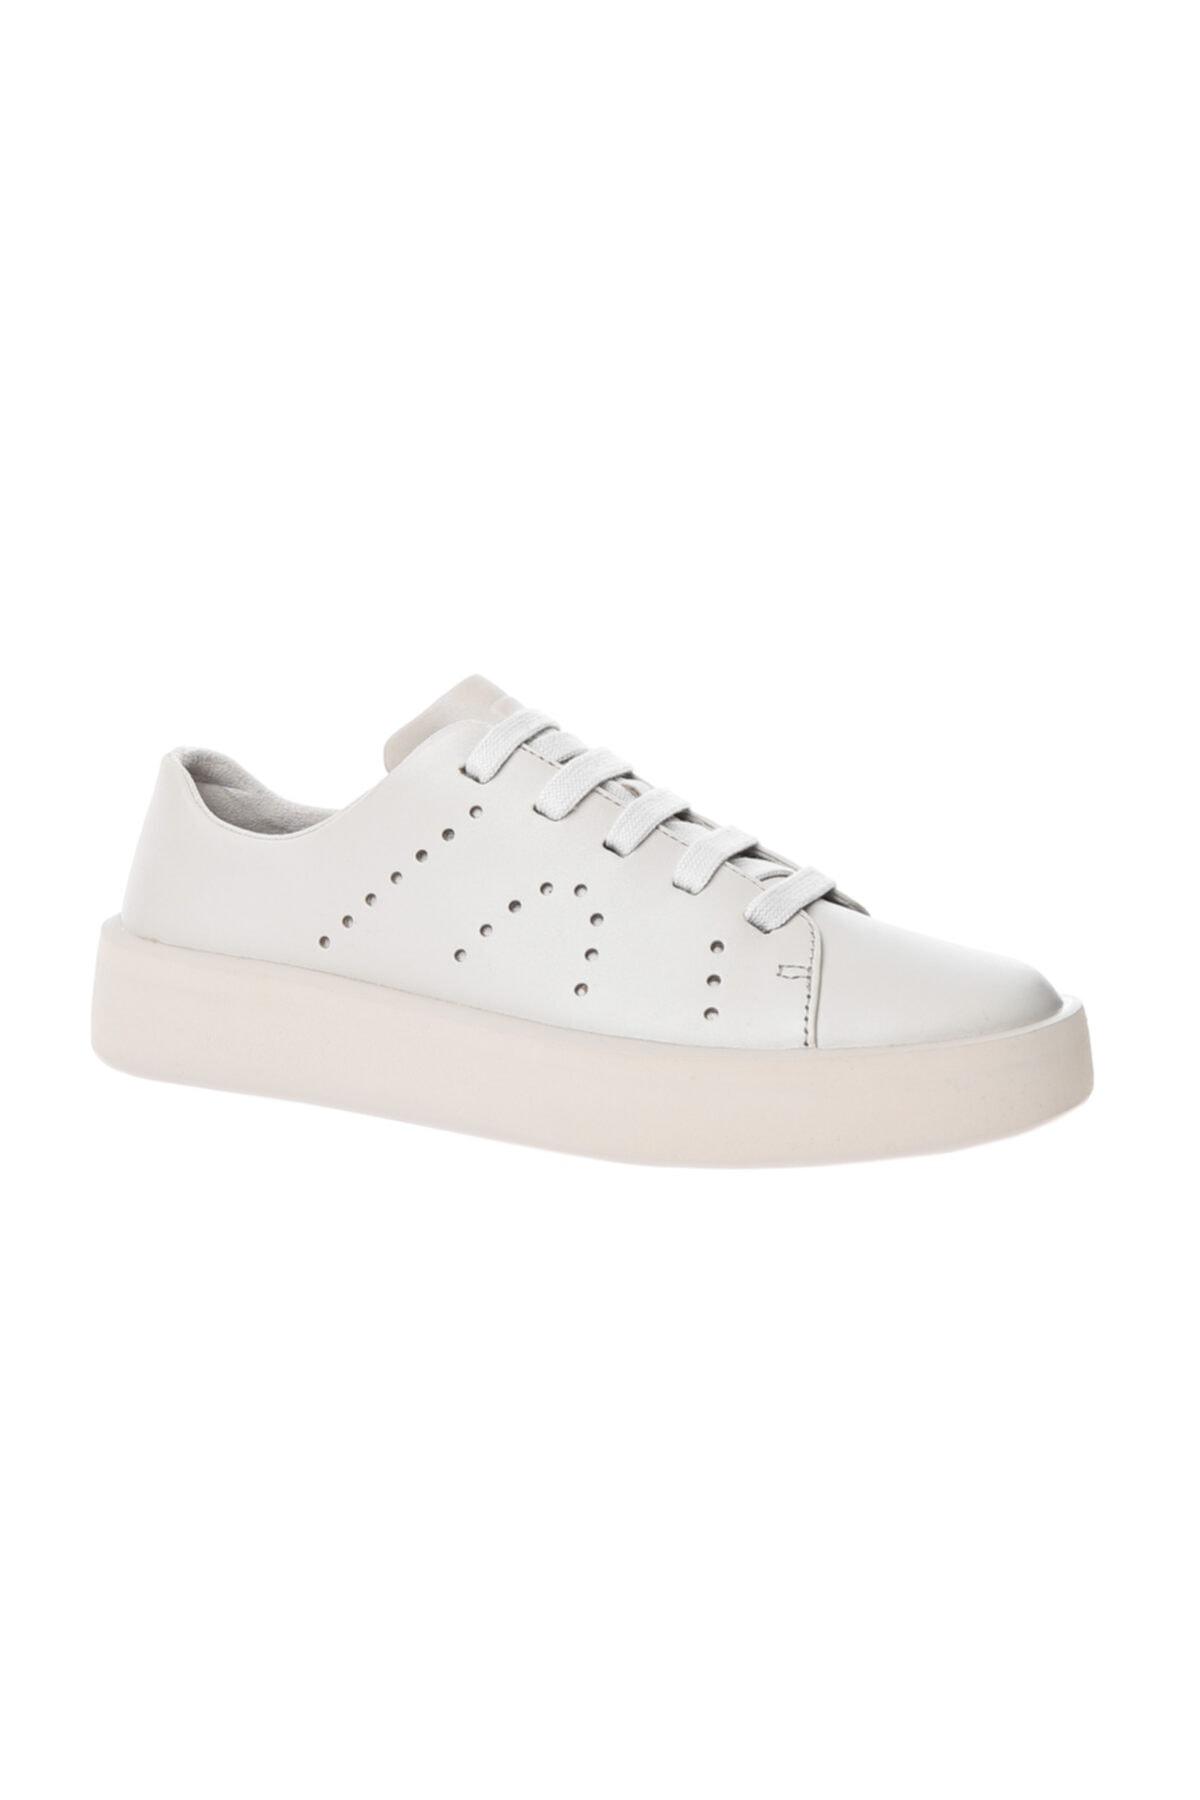 CAMPER Kadın Beyaz Sneaker K200945-001  Courb Beıge 1